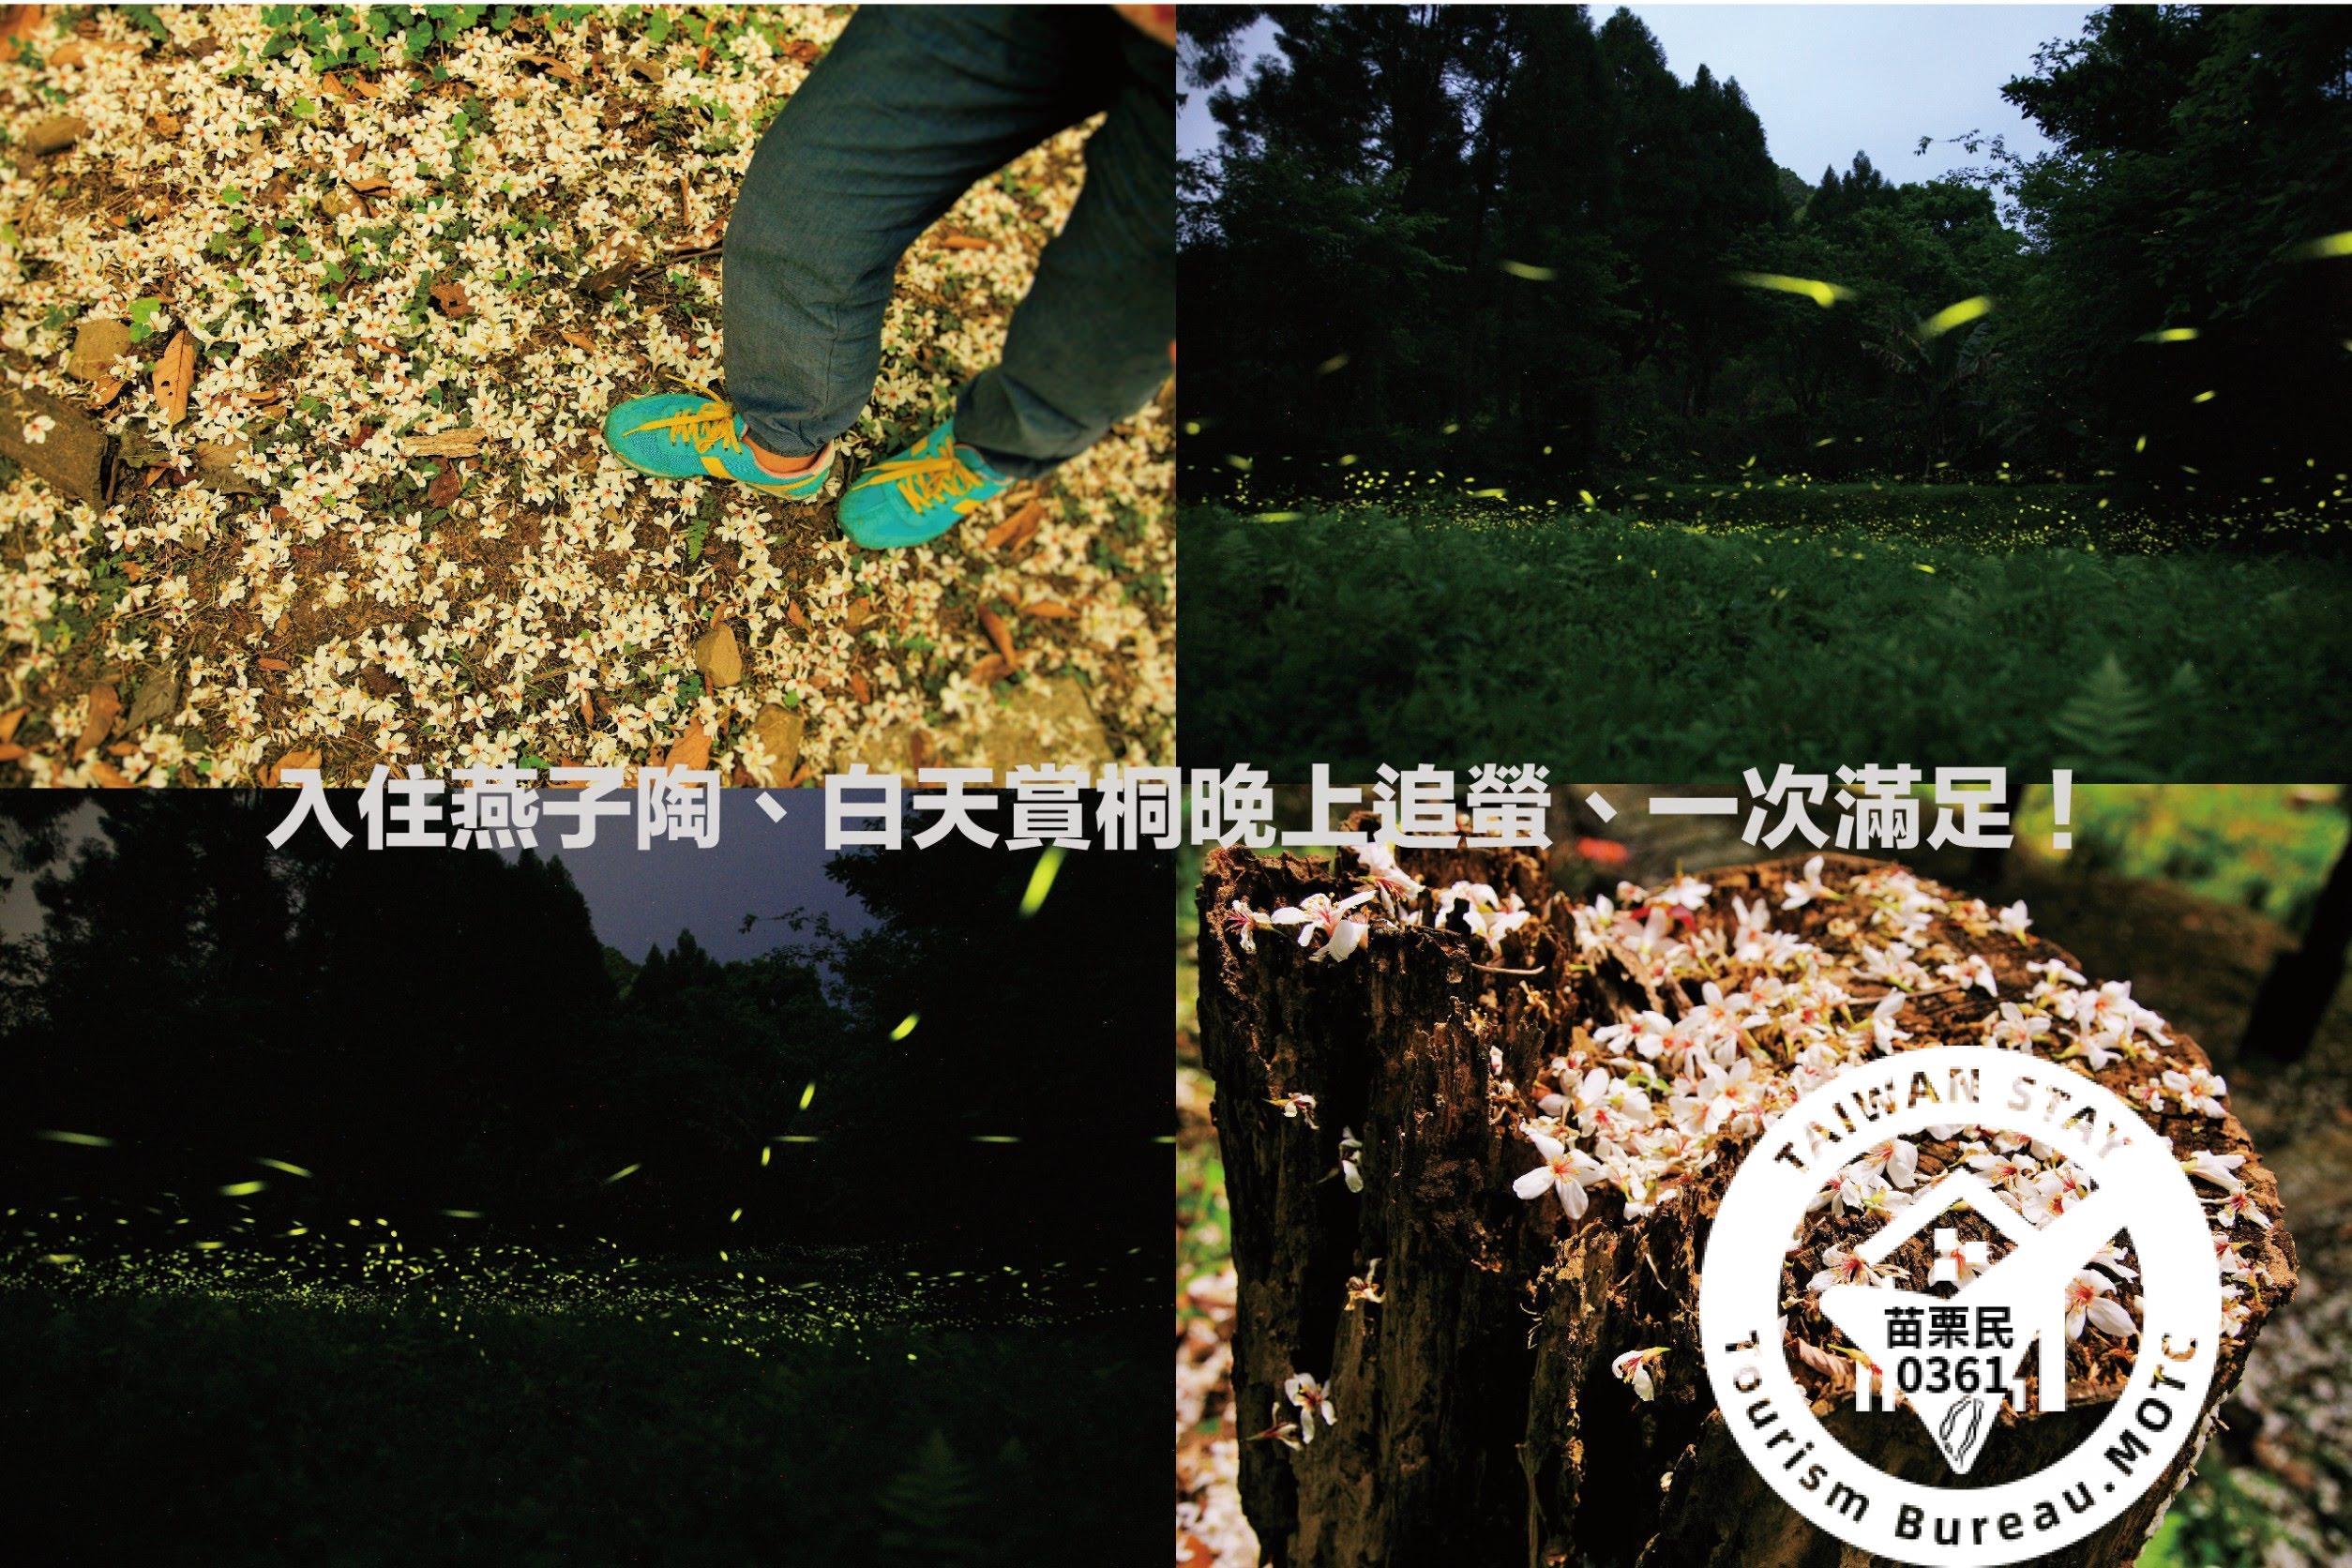 桐花螢火蟲